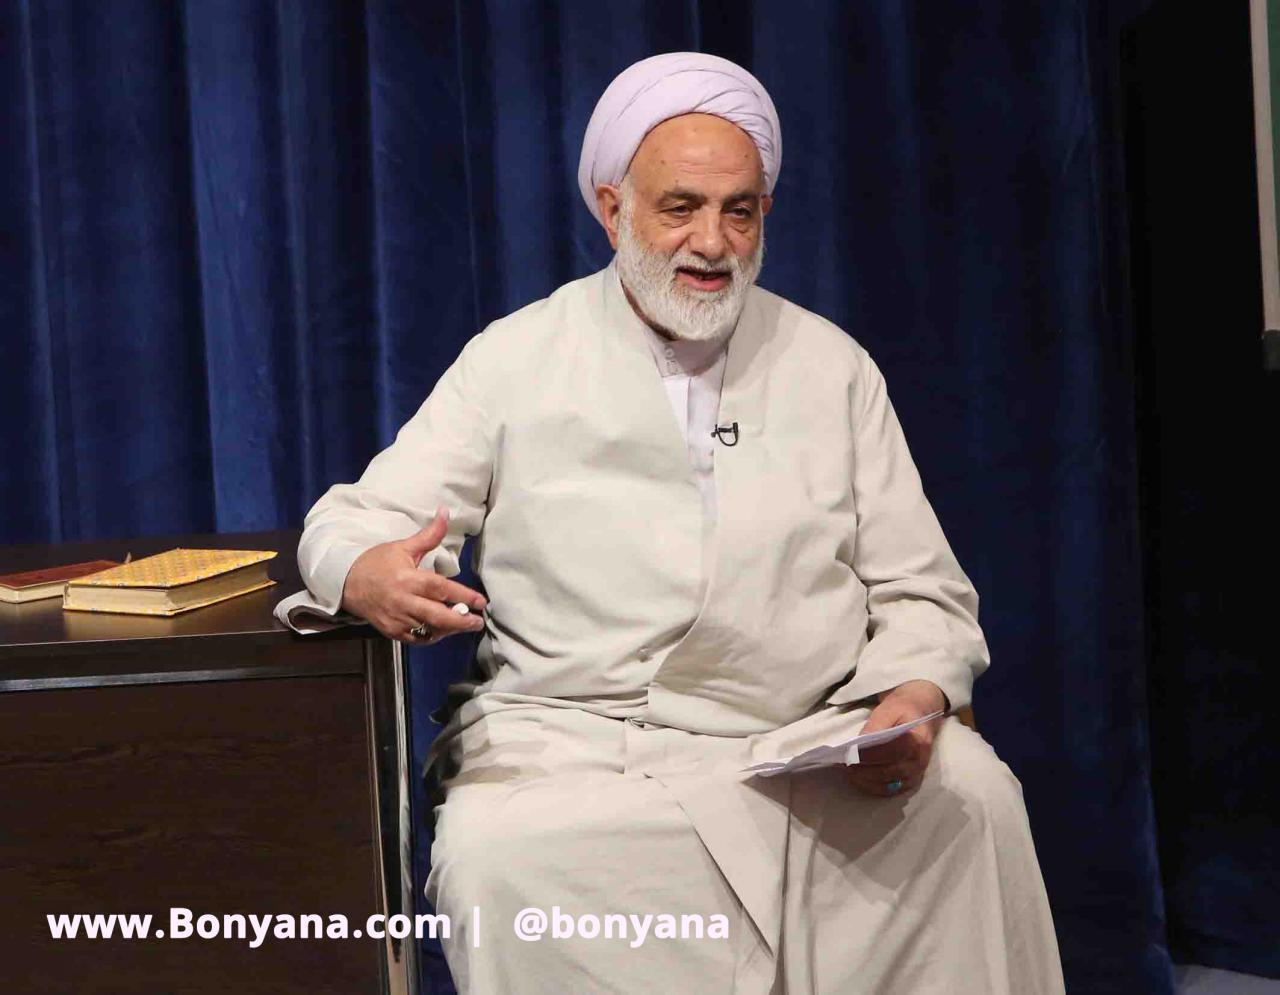 دانلود تفسیر صوتی کل قرآن توسط استاد قرائتی